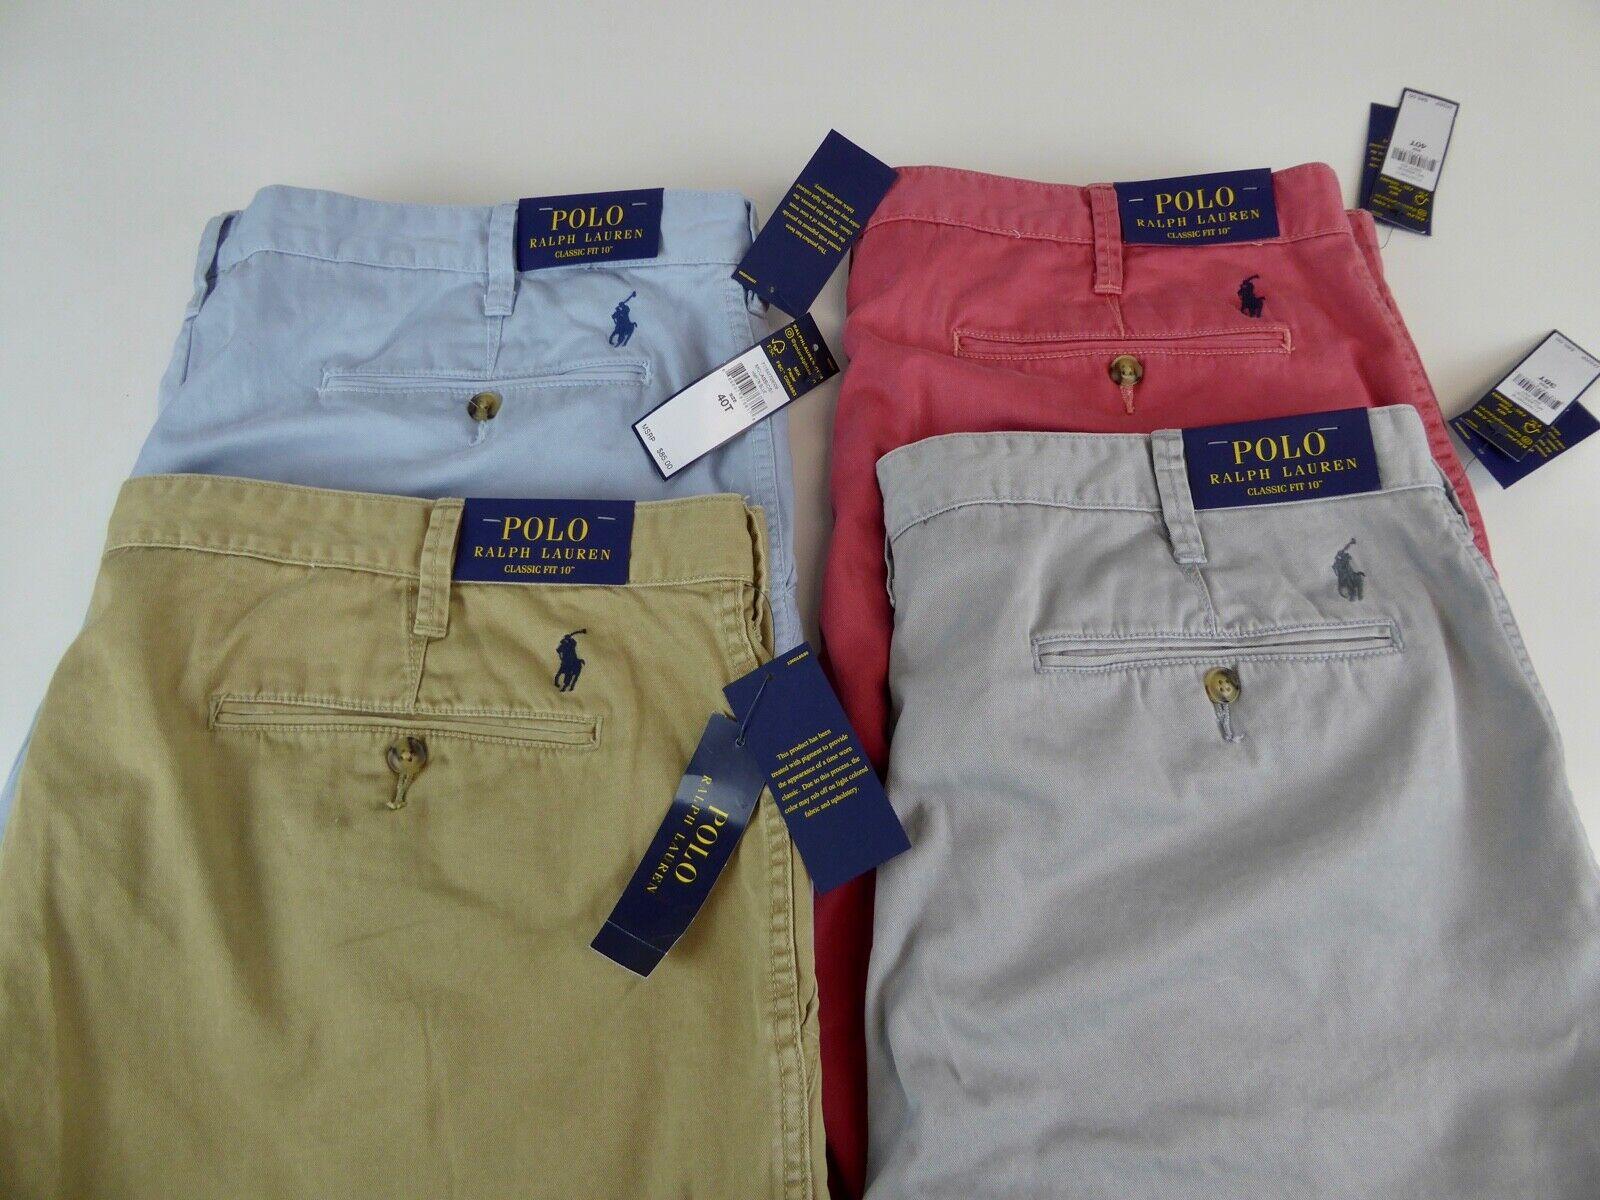 """Polo Ralph Lauren Classic Fit 10"""" desde  entrepierna Sarga Pantalones Cortos Pony W Nuevo Con Etiquetas  85 100% algodón  increíbles descuentos"""